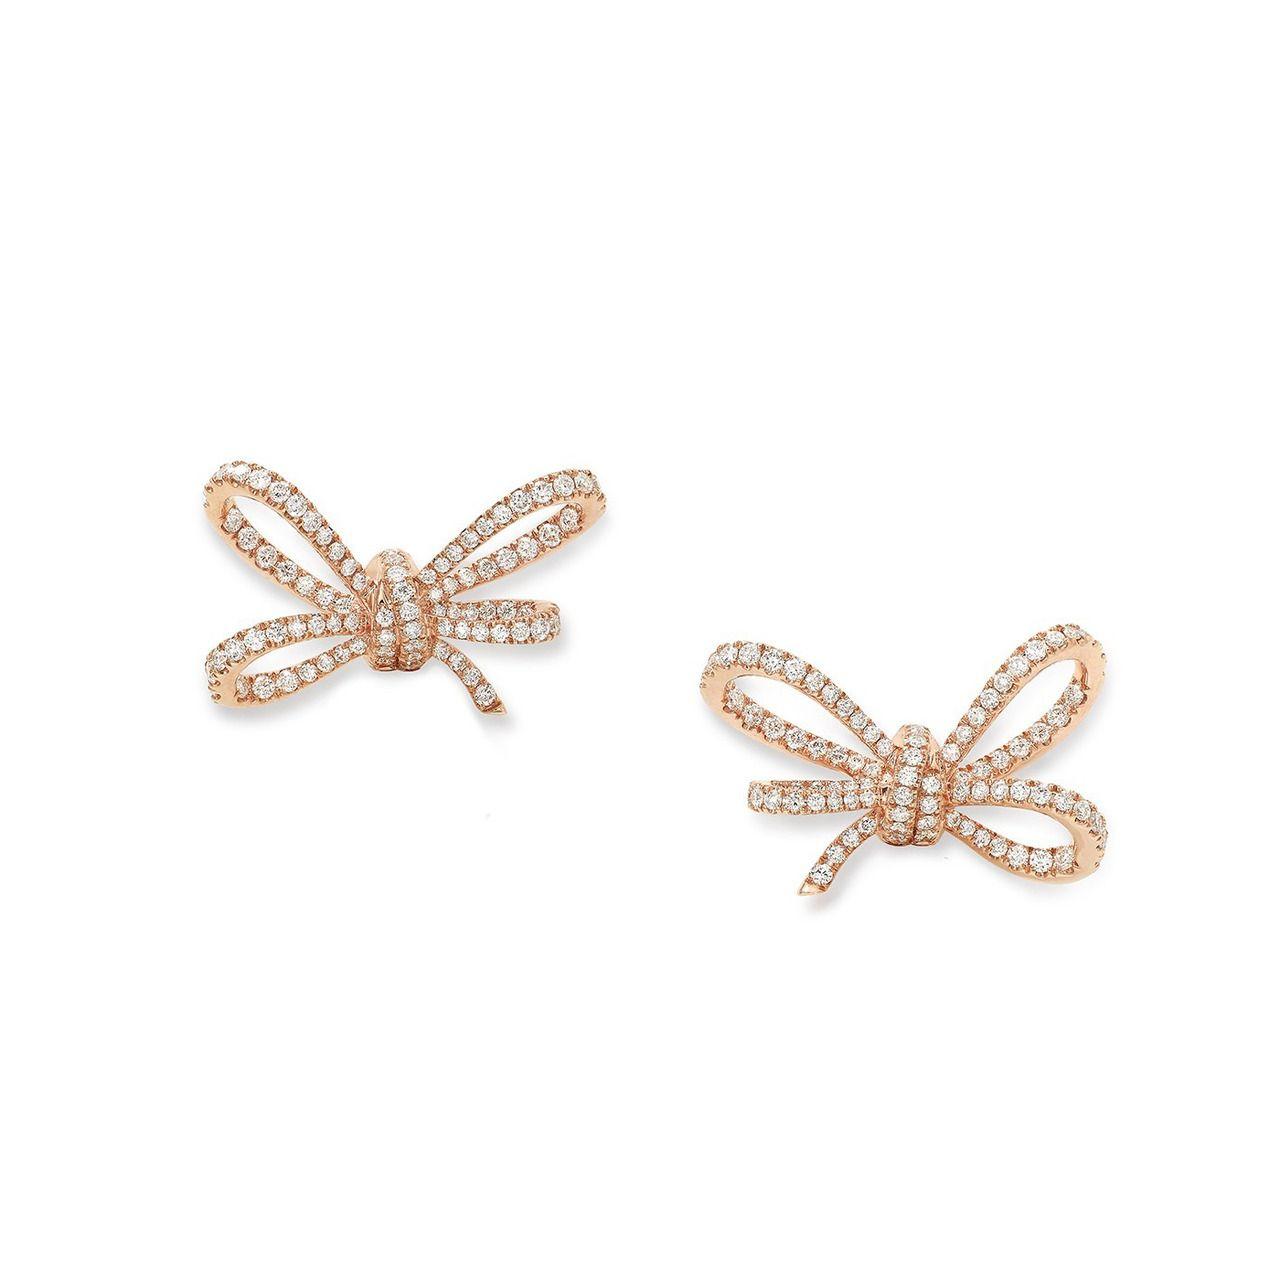 Enji Alta Earrings - 14kt White Gold xBPjnM5